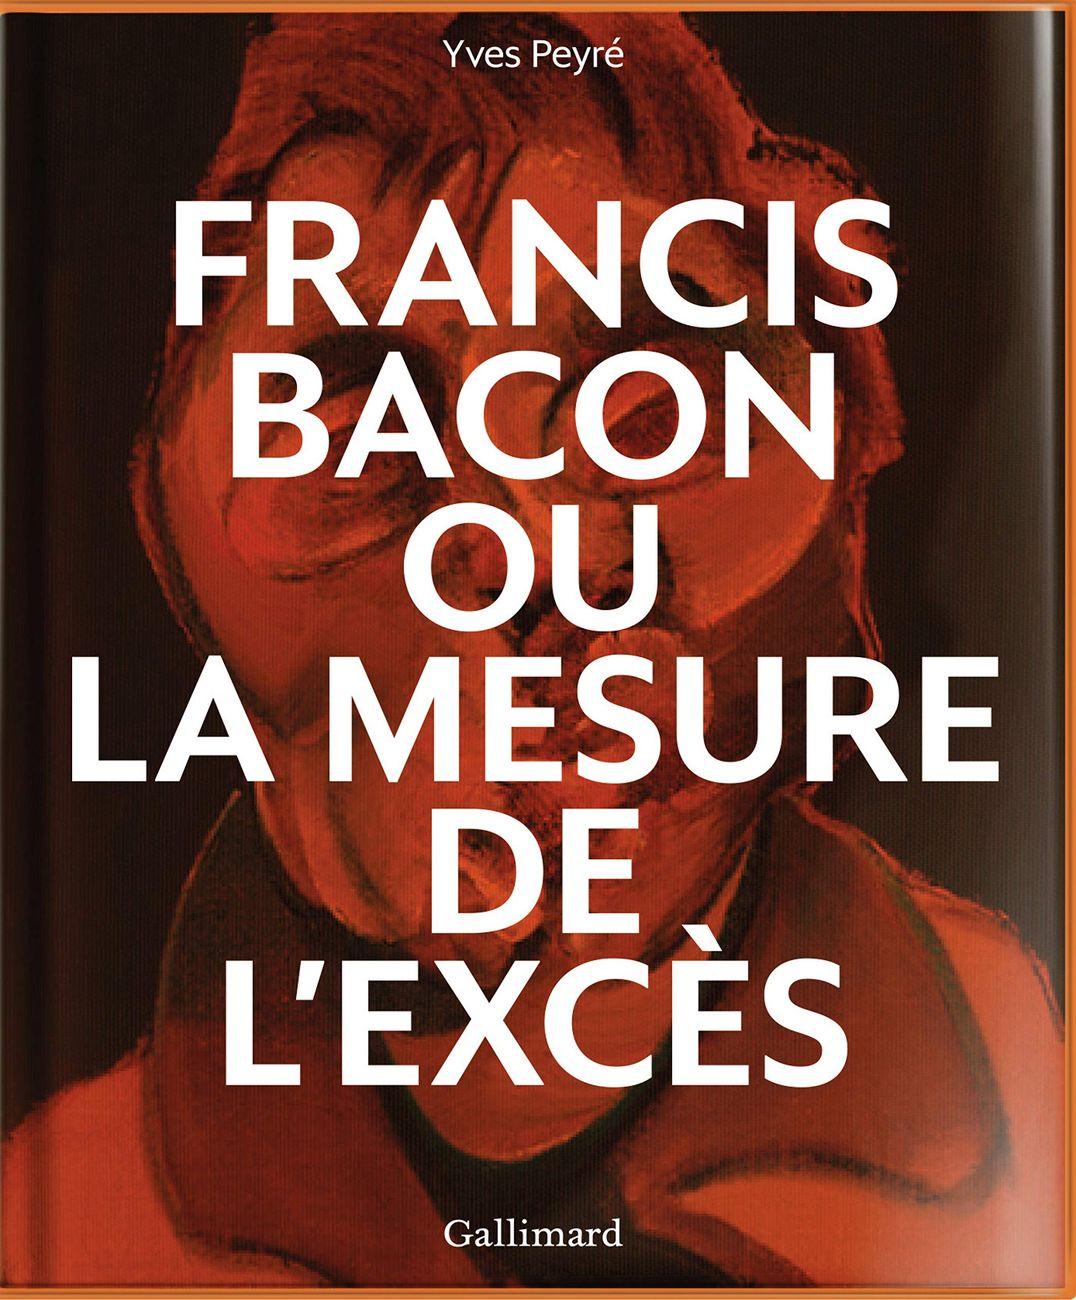 Yves Peyré ‒ Francis Bacon ou la mesure de l'excès (Gallimard, Parigi 2019)